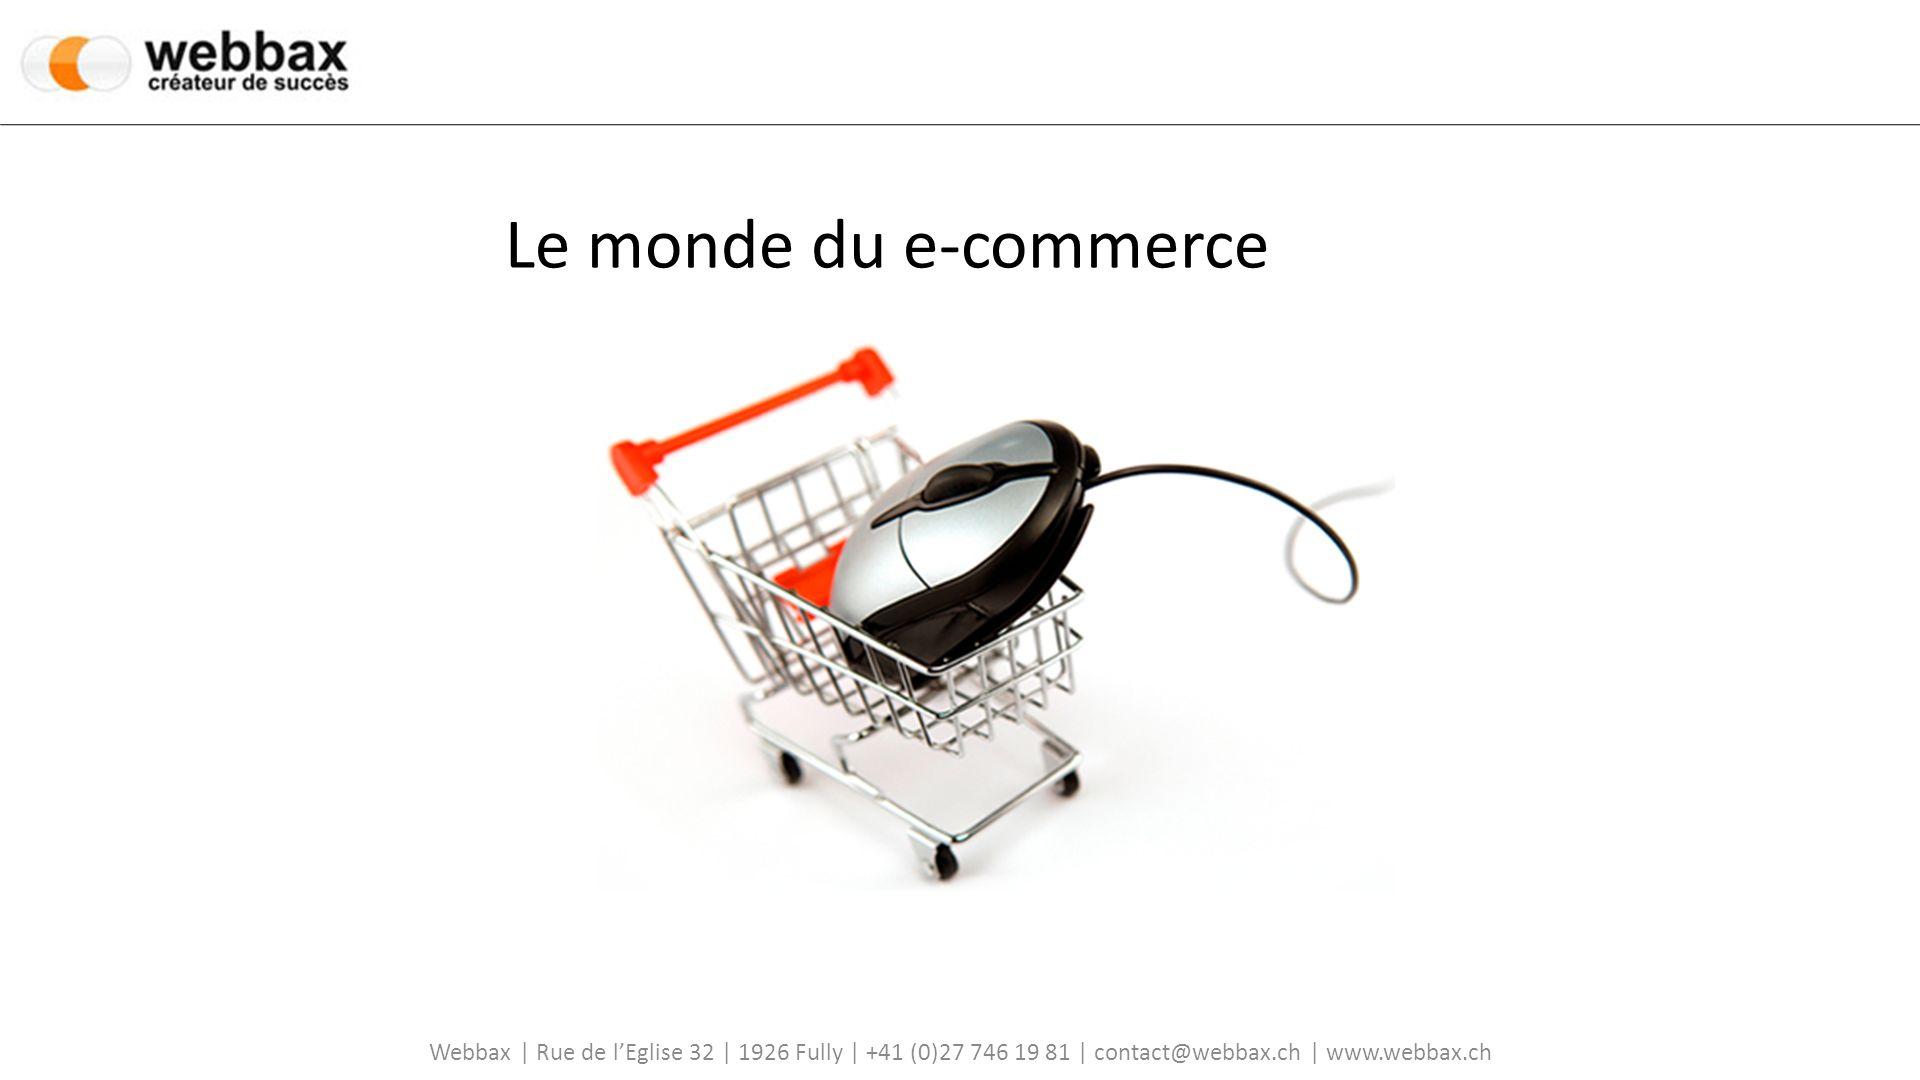 Webbax | Rue de lEglise 32 | 1926 Fully | +41 (0)27 746 19 81 | contact@webbax.ch | www.webbax.ch Le monde du e-commerce